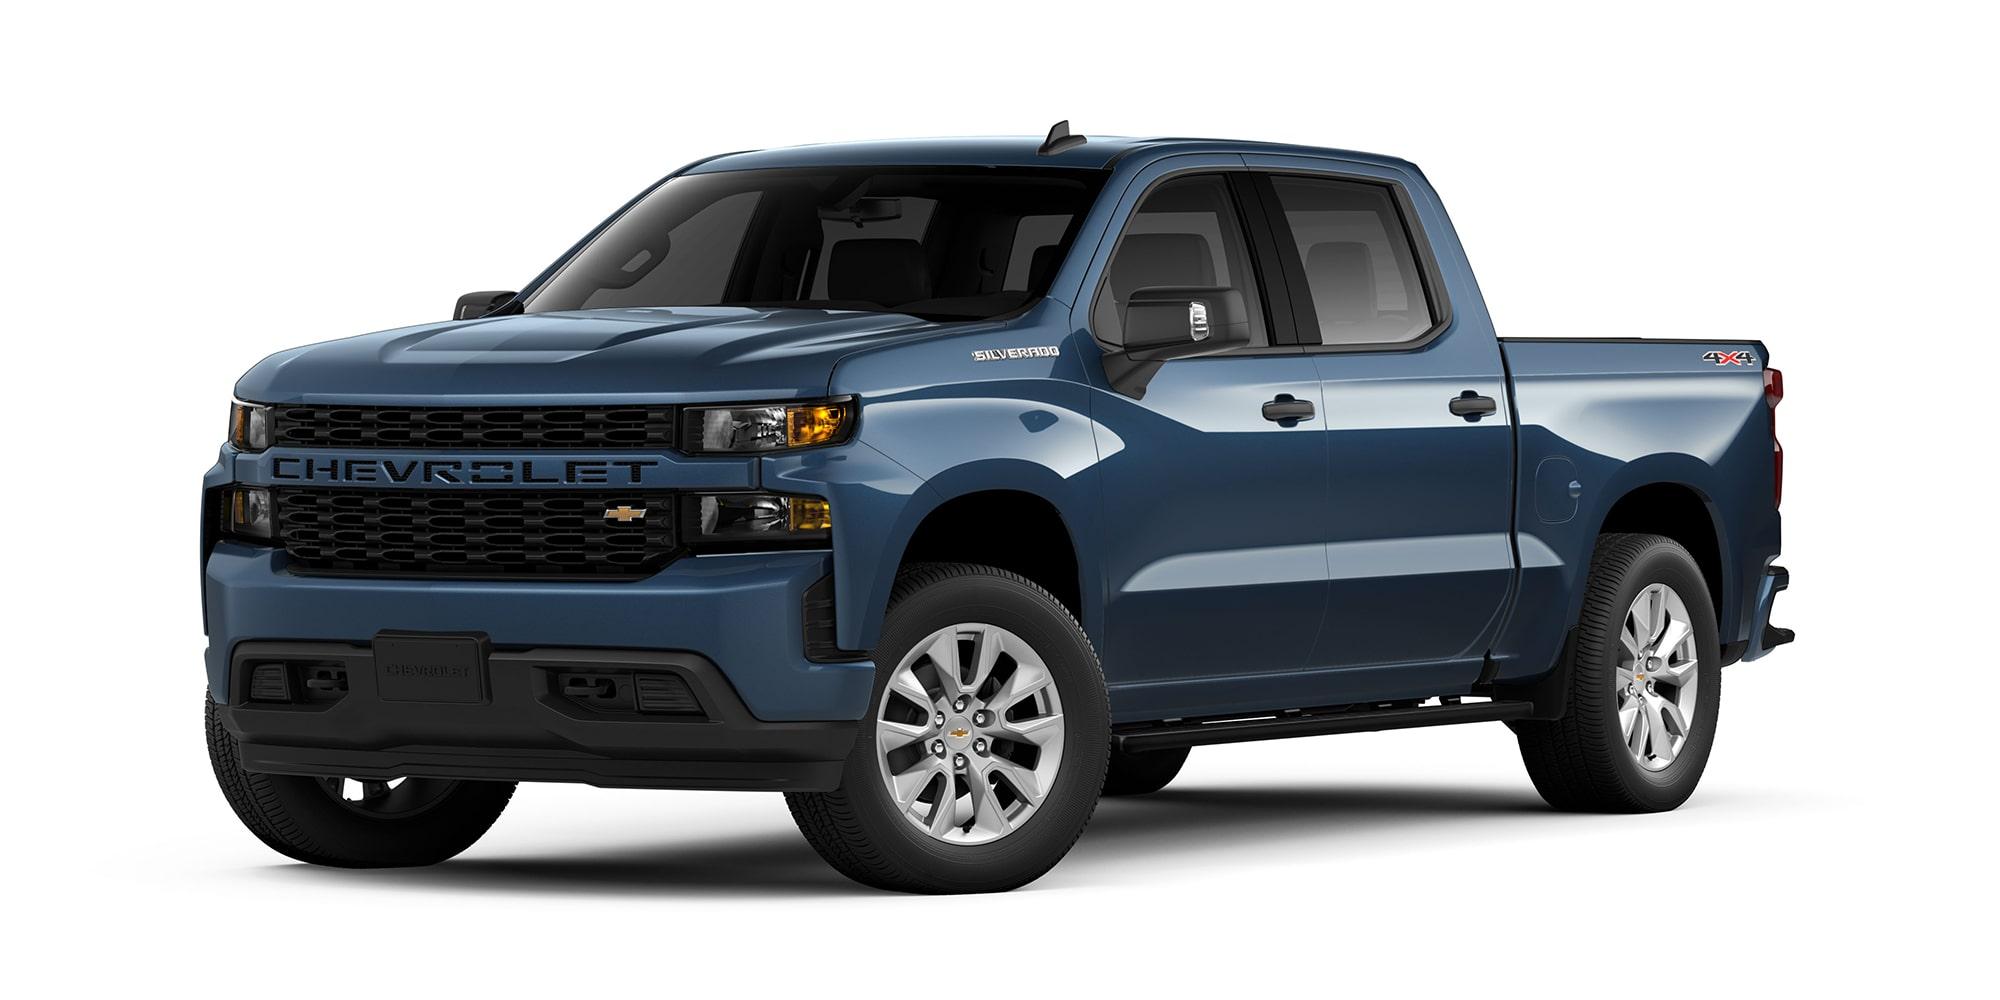 Chevrolet Silverado 2021 color azul metálico versión personalizada